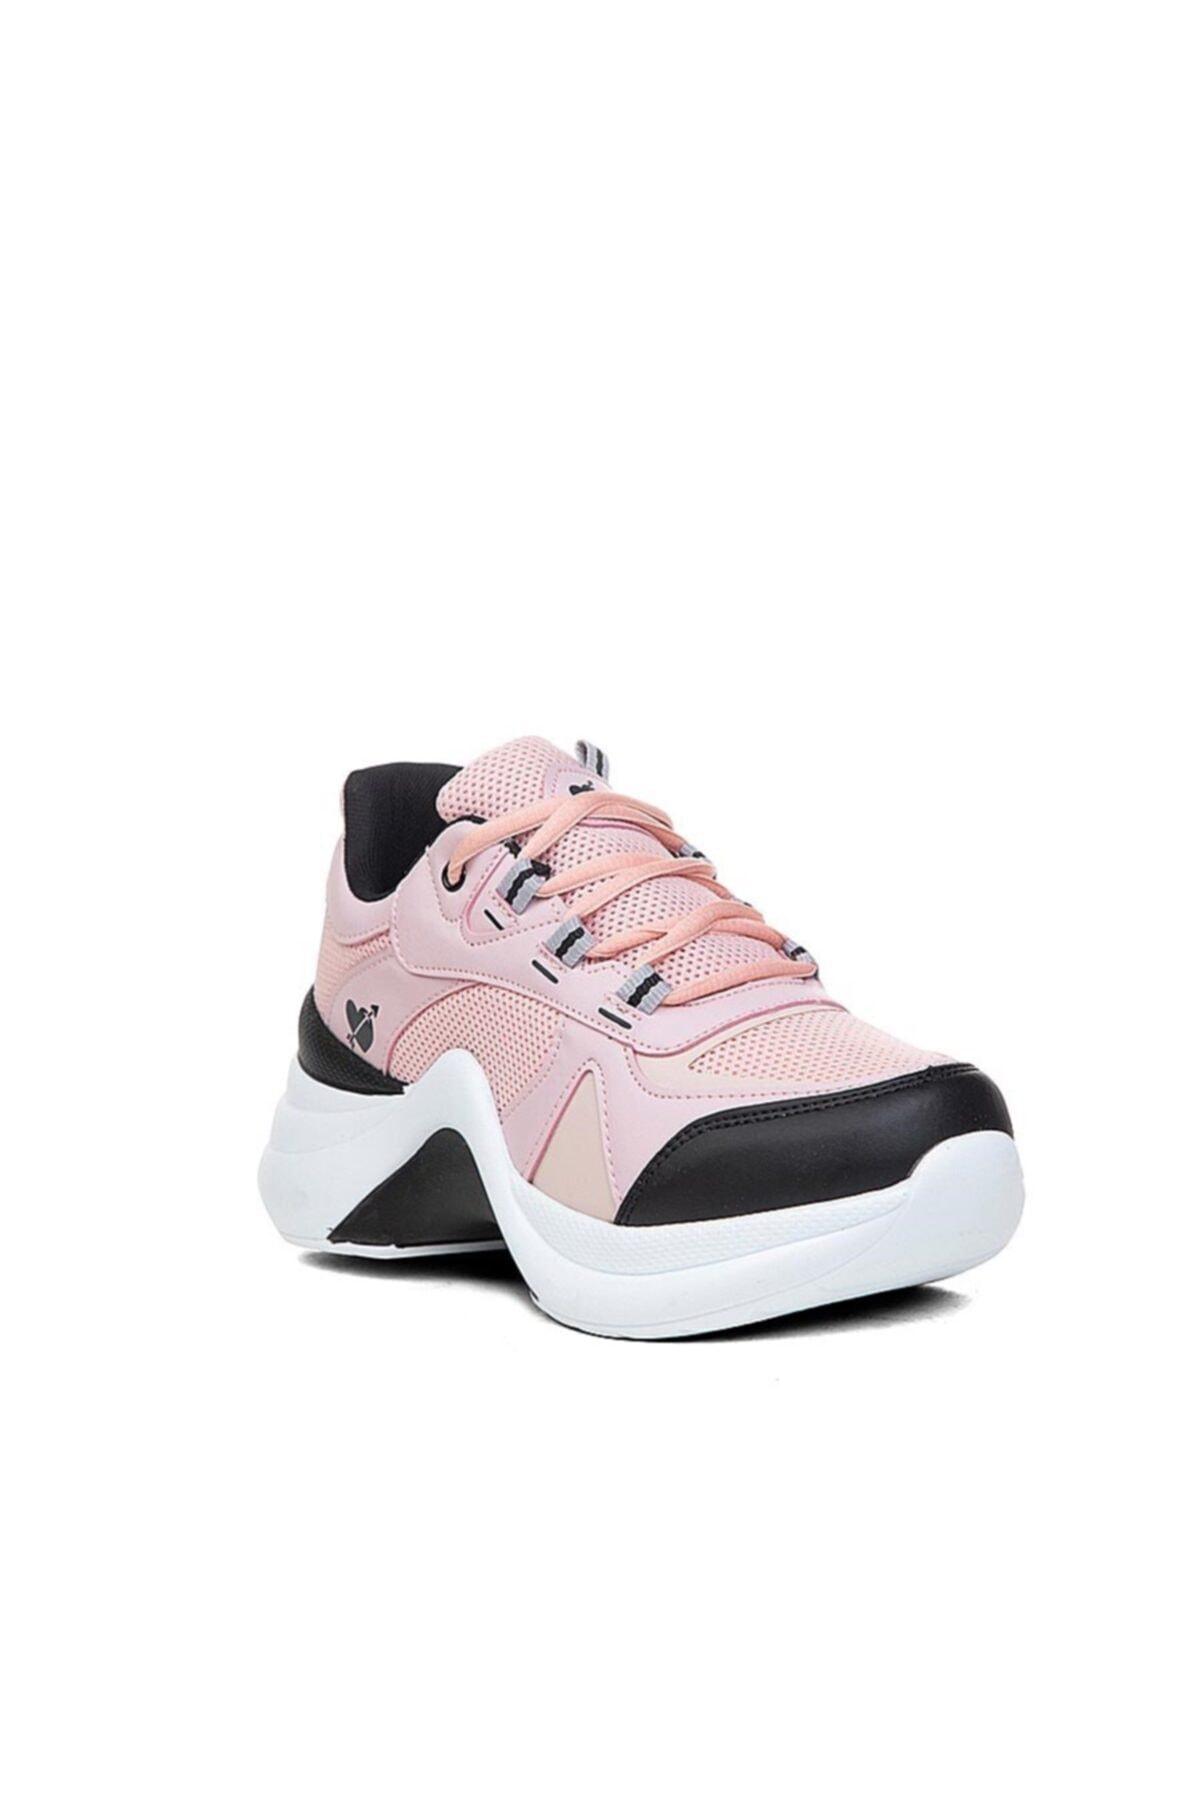 Twingo Kadın Spor Ayakkabı Pudra Sneaker 1